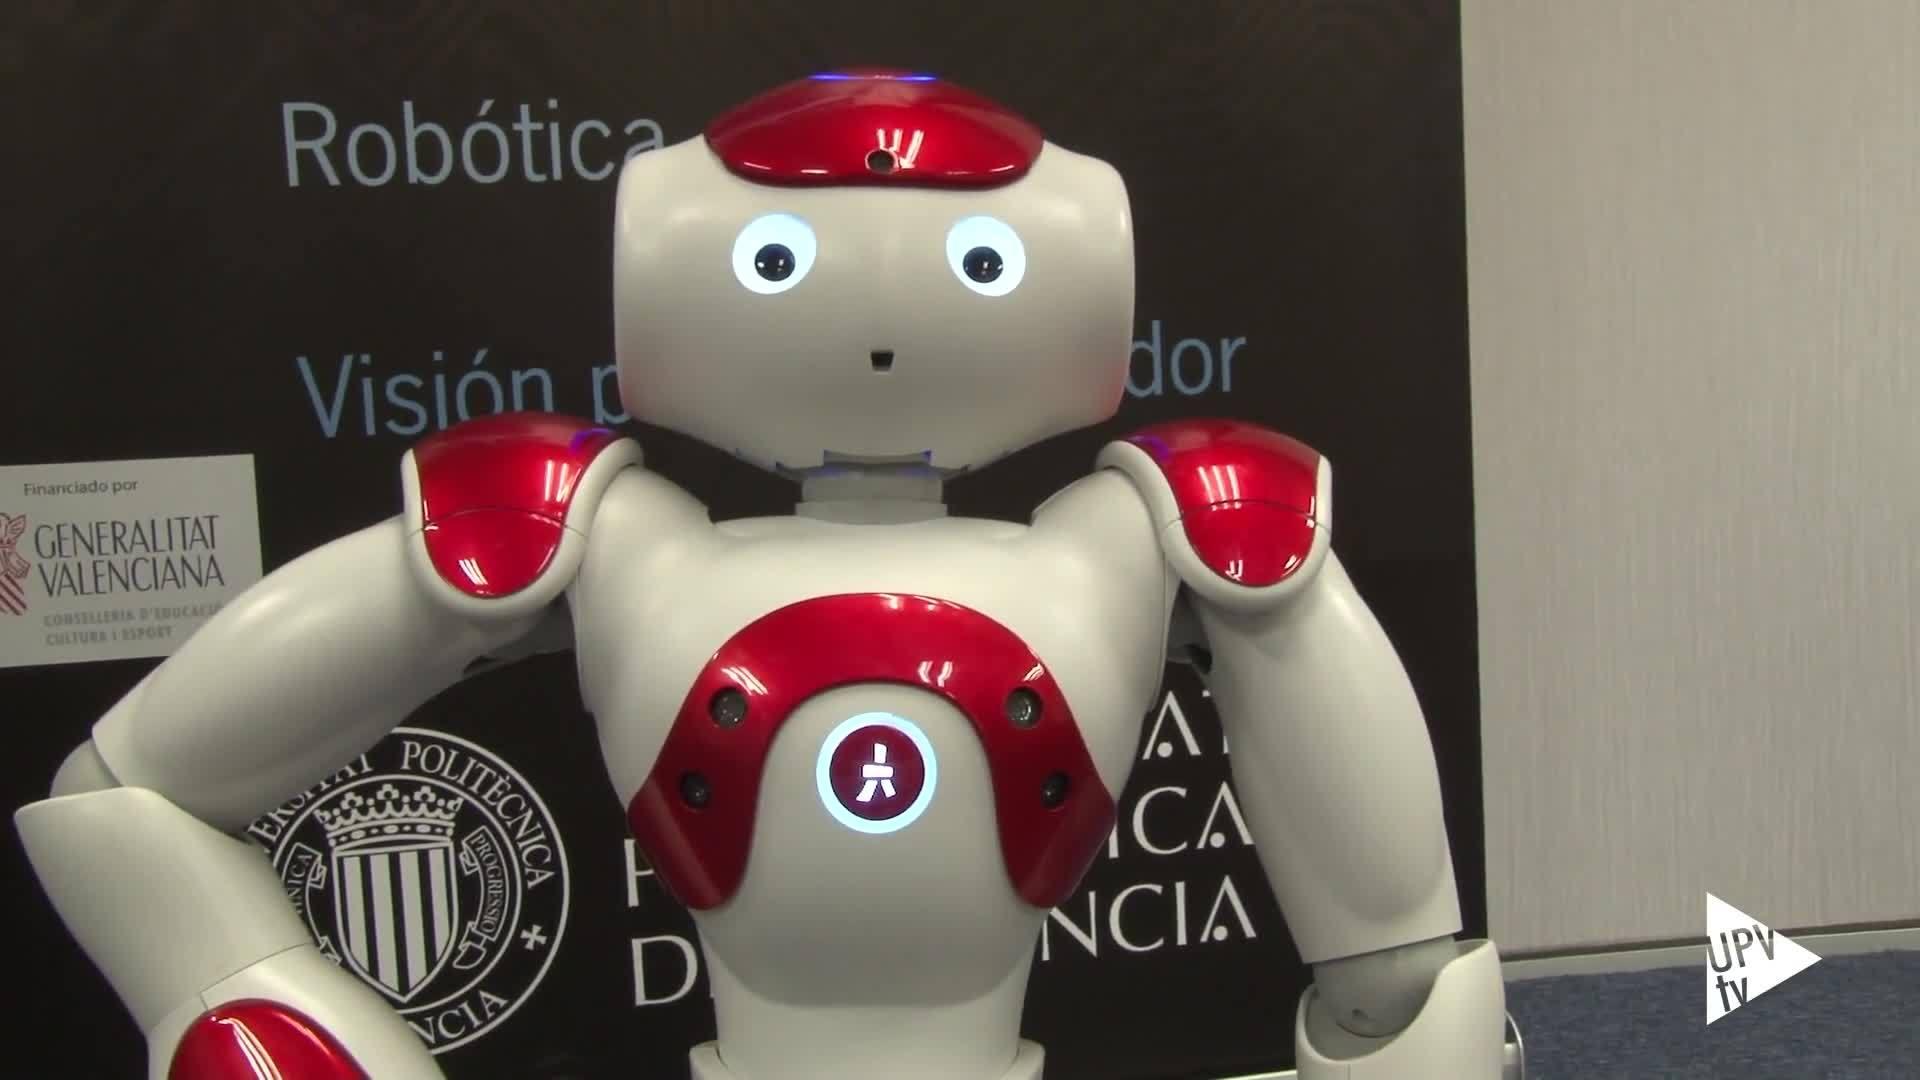 14-10-2016 Primer robot con diabetes